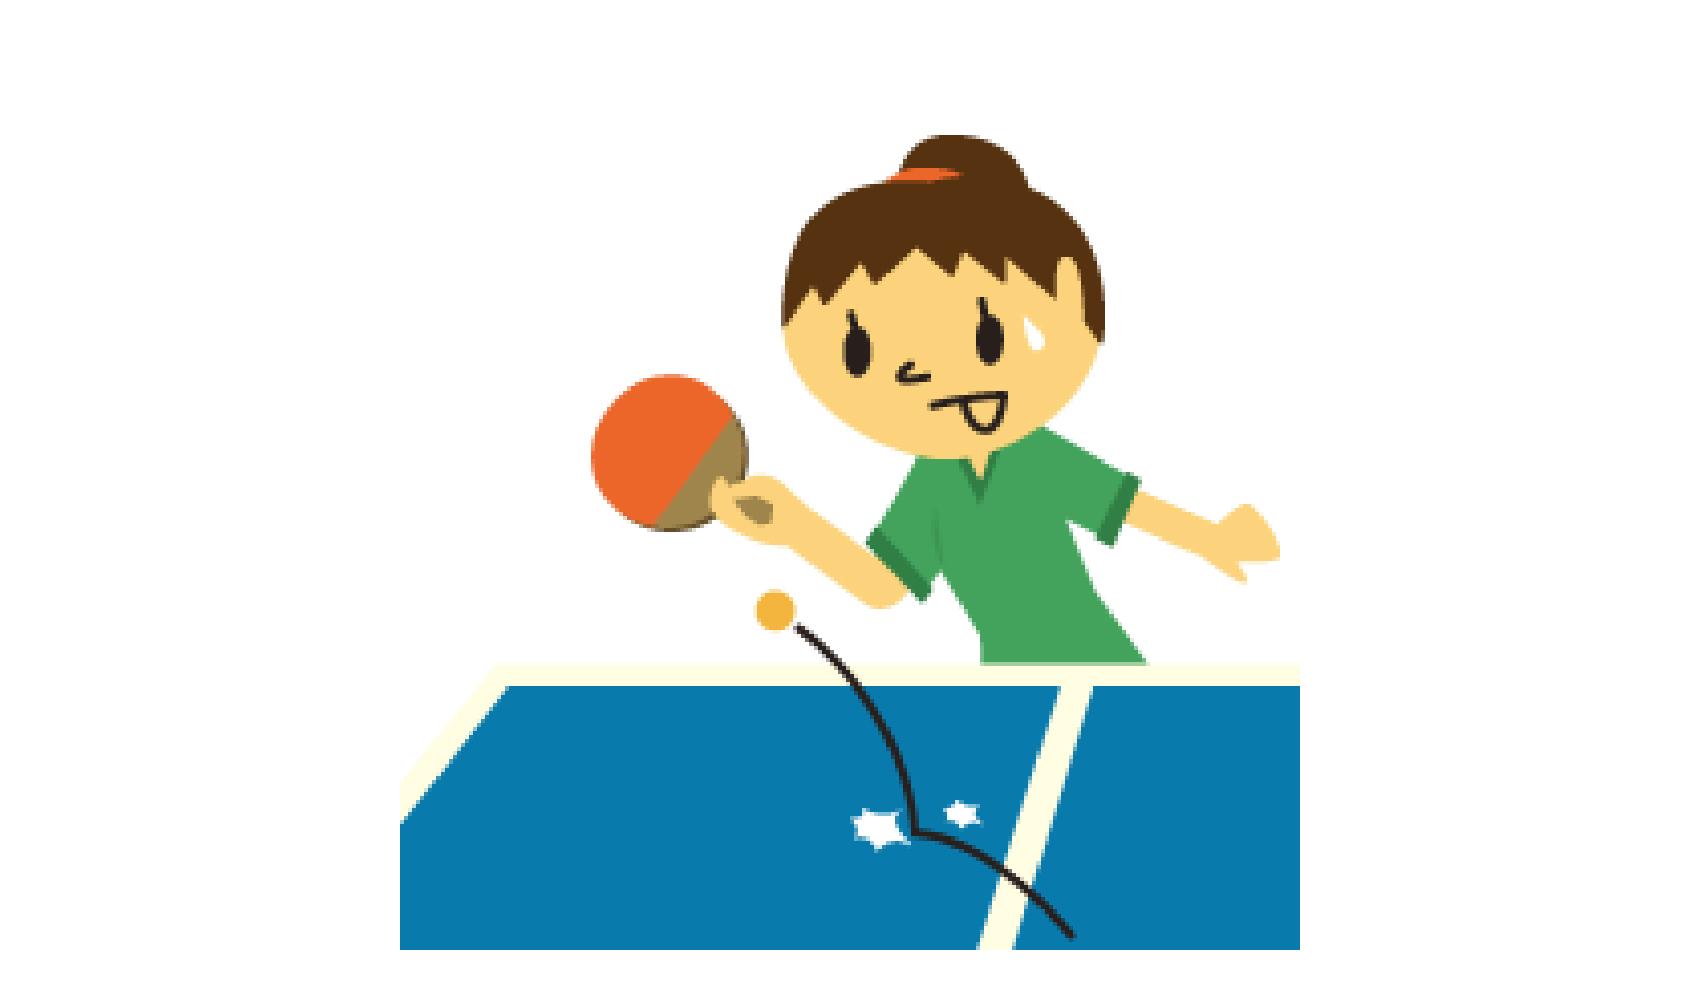 プロの卓球選手